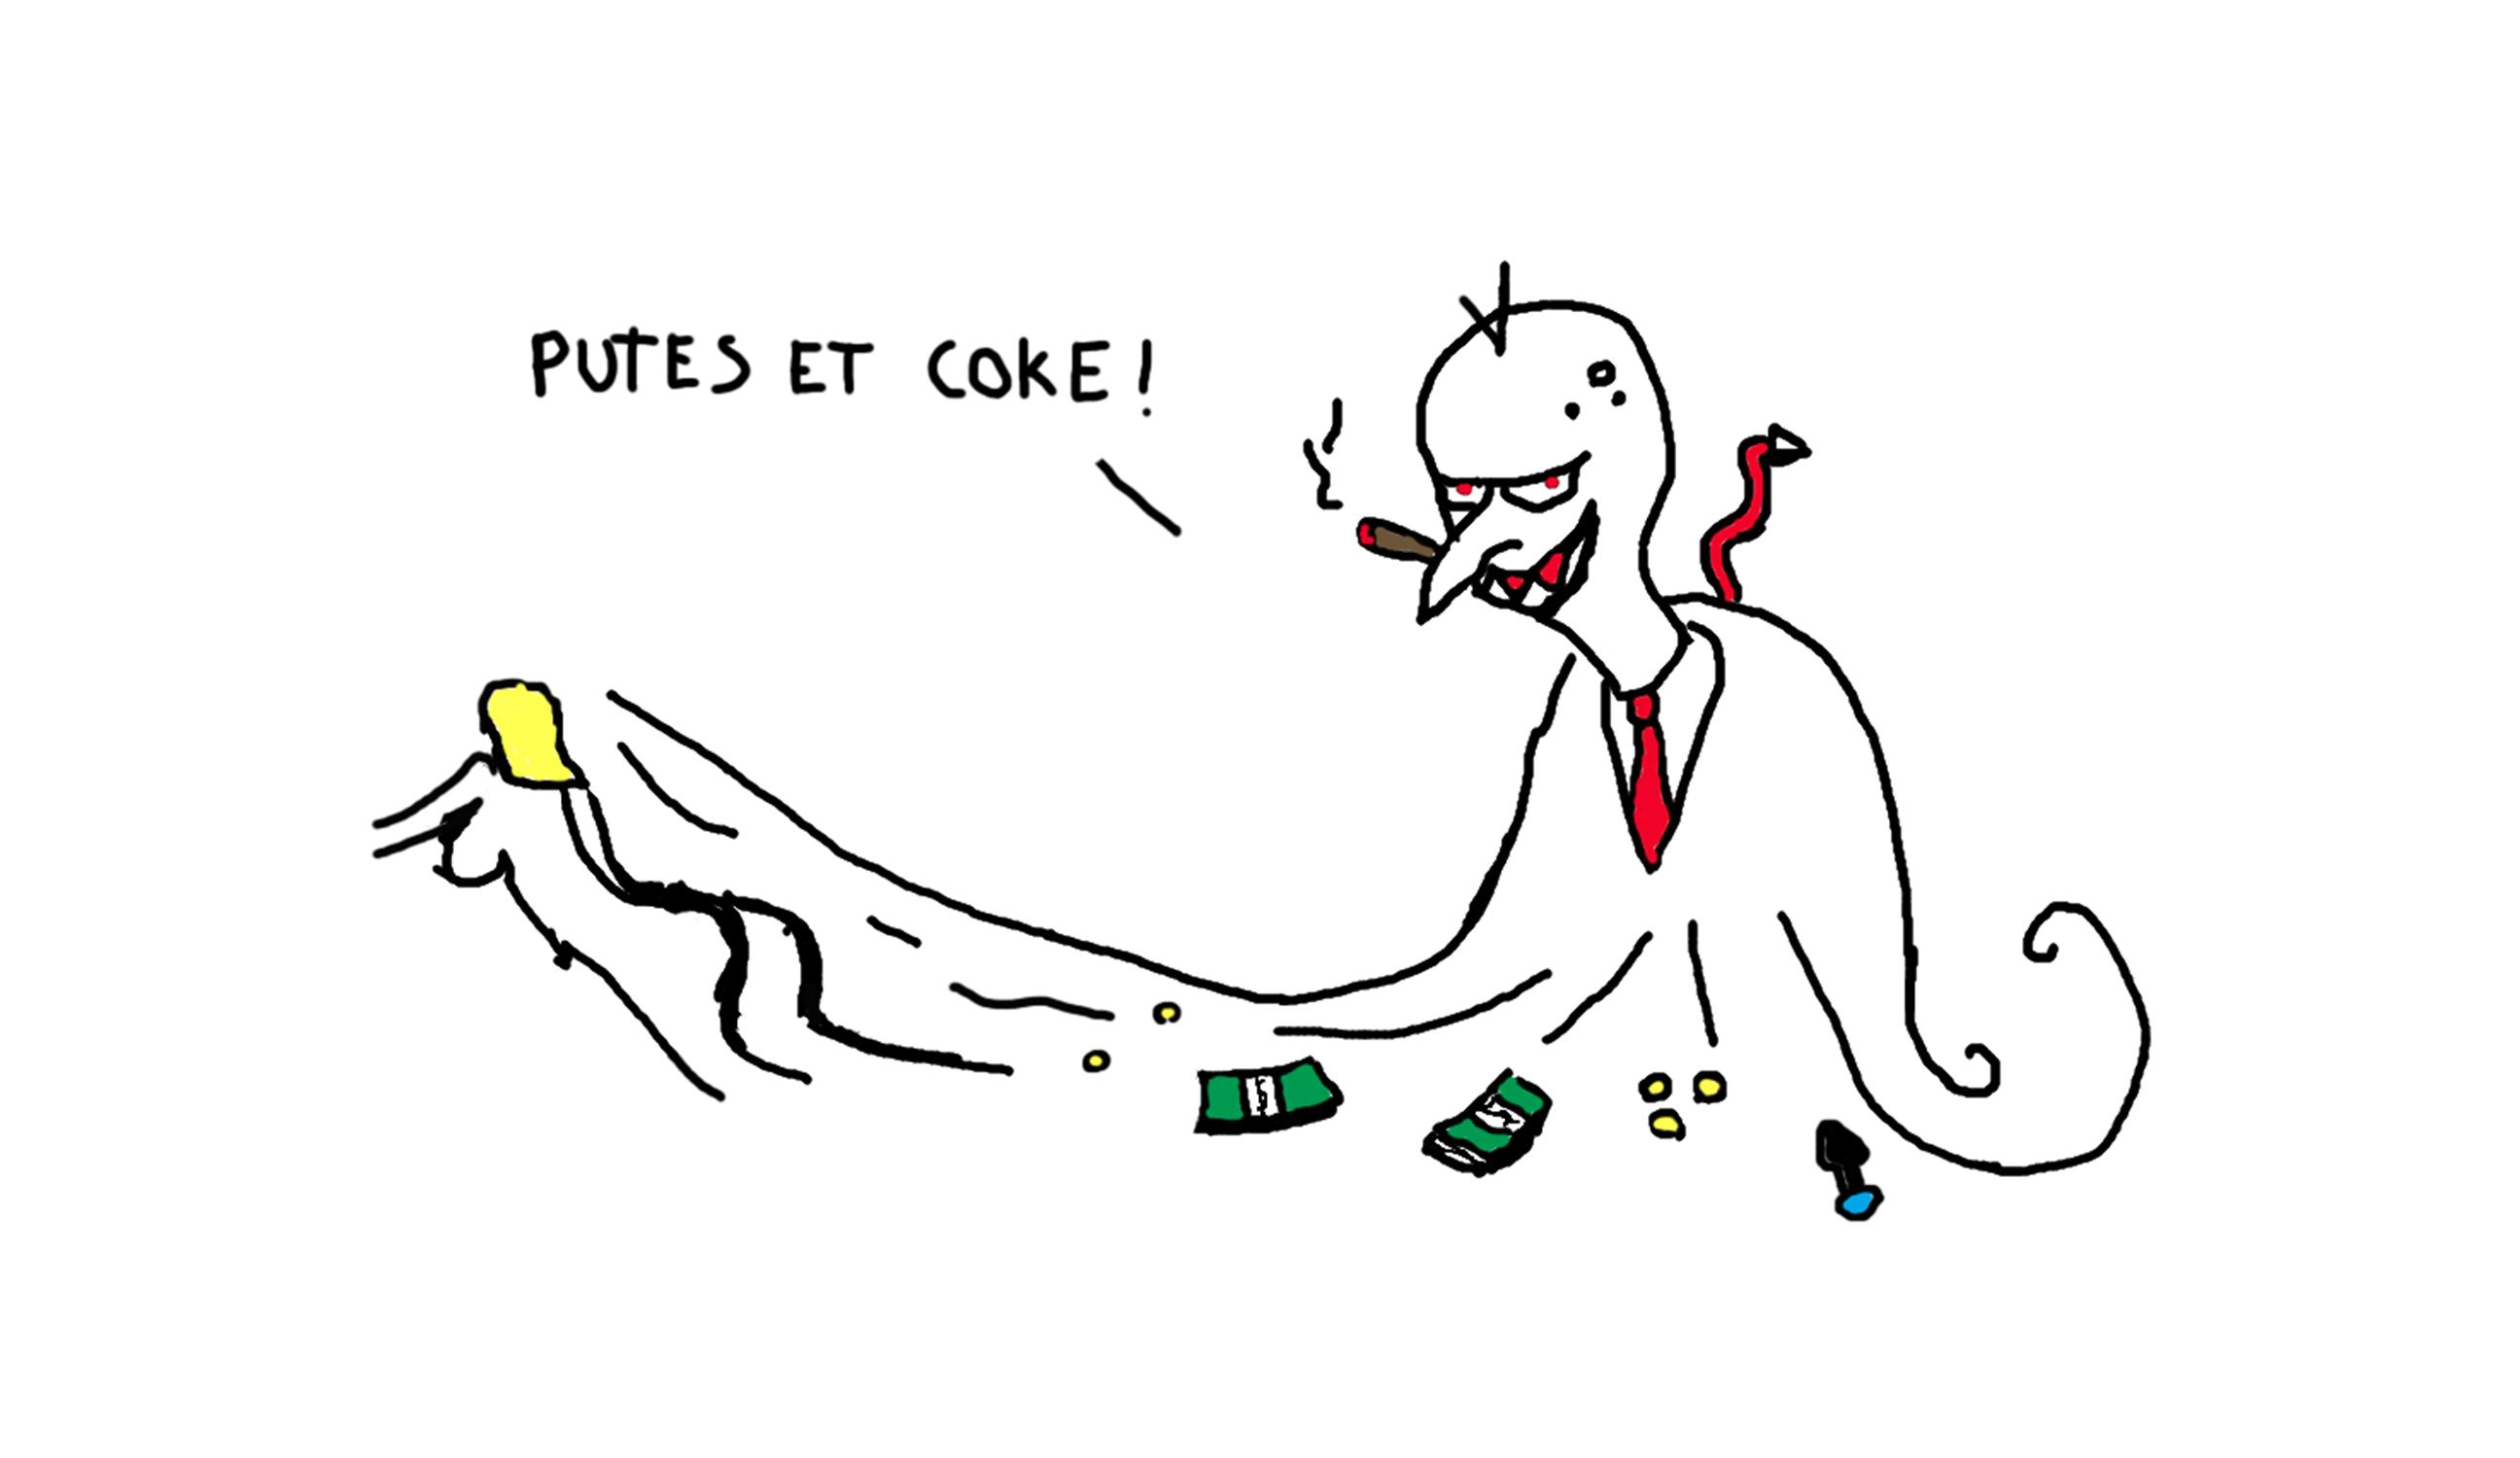 paulpajot-poztonblaz-illustration-5